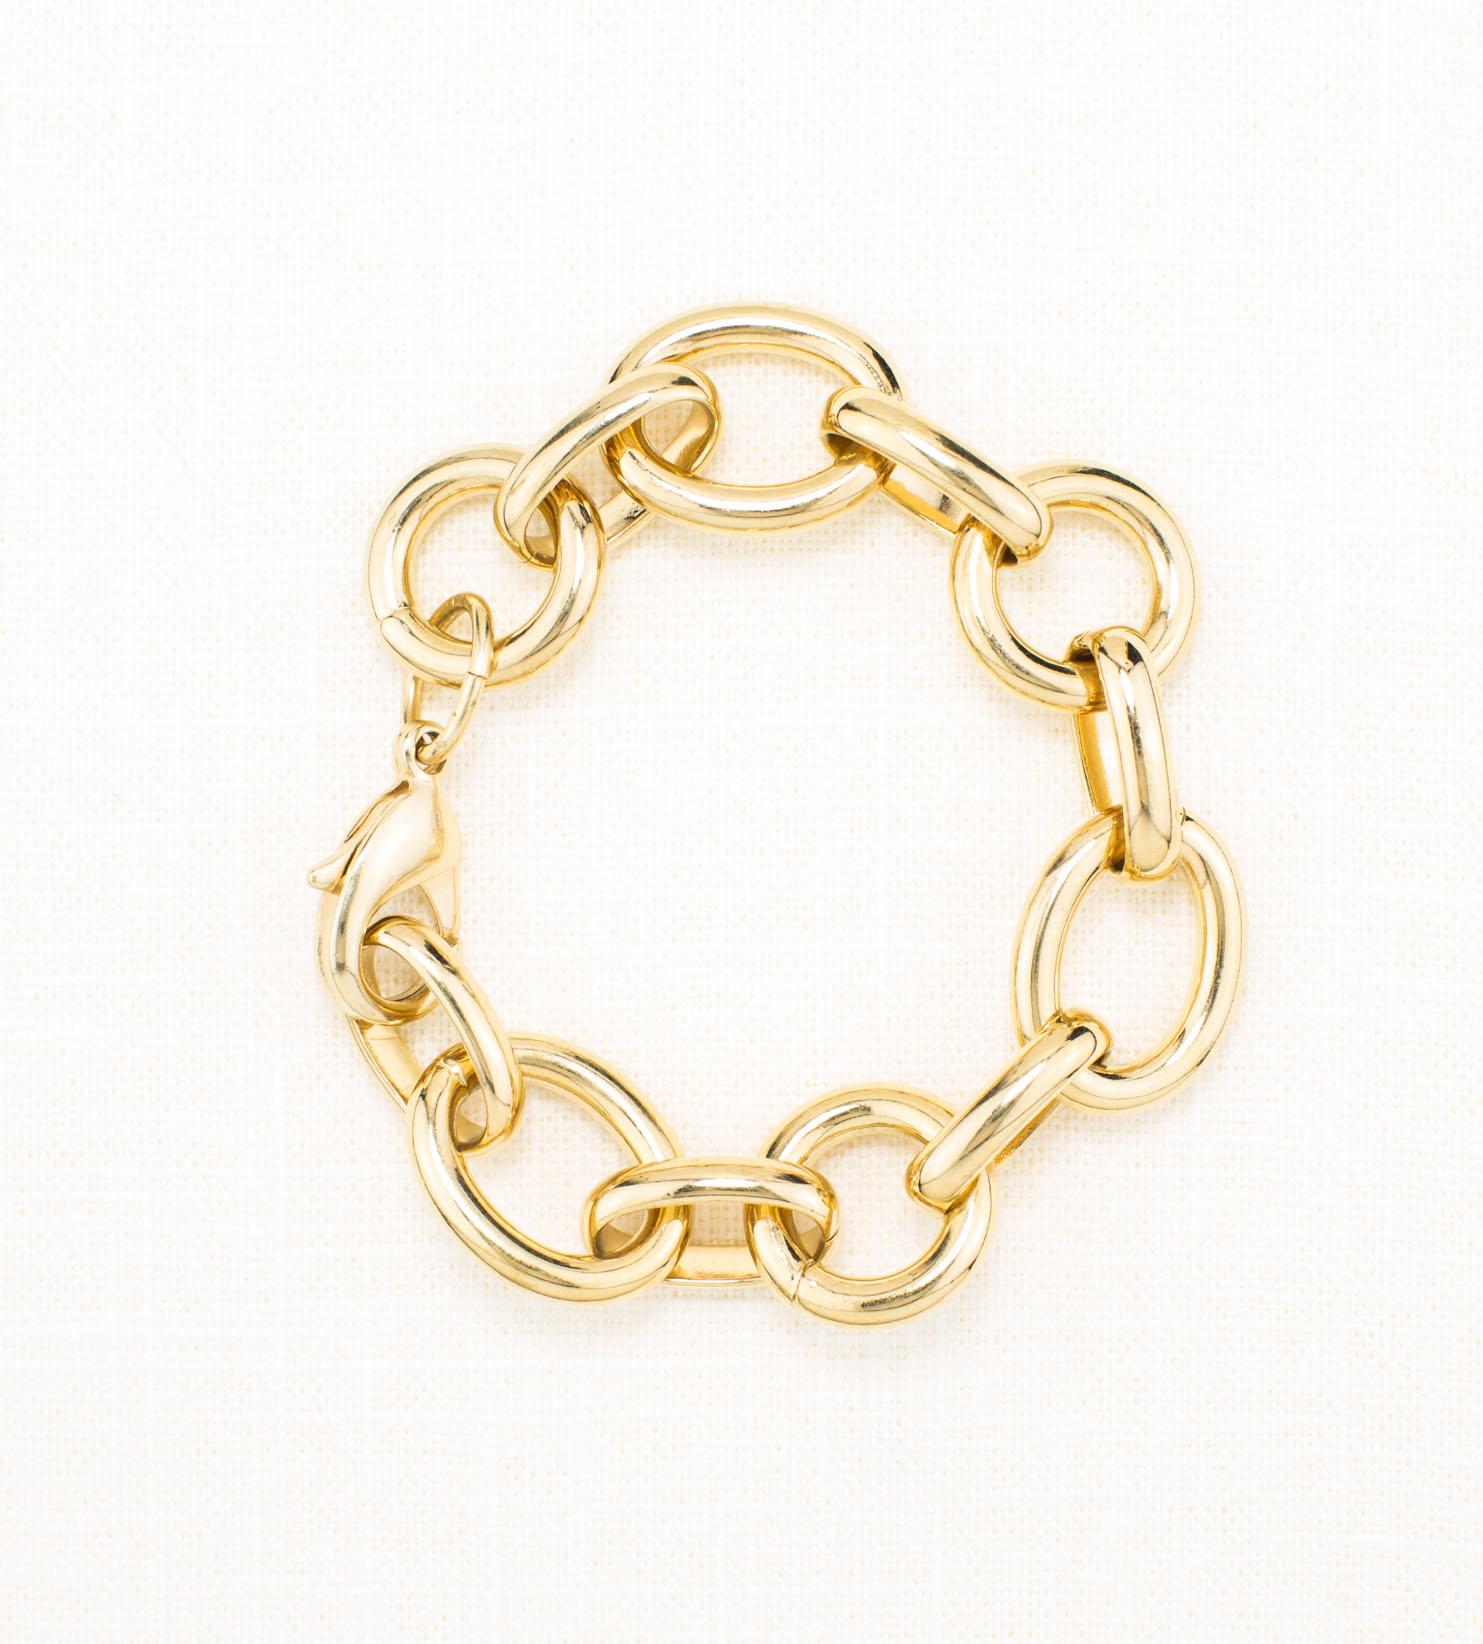 ... chain bracelet. gold_chunky_chain_bracelet ifcewjg